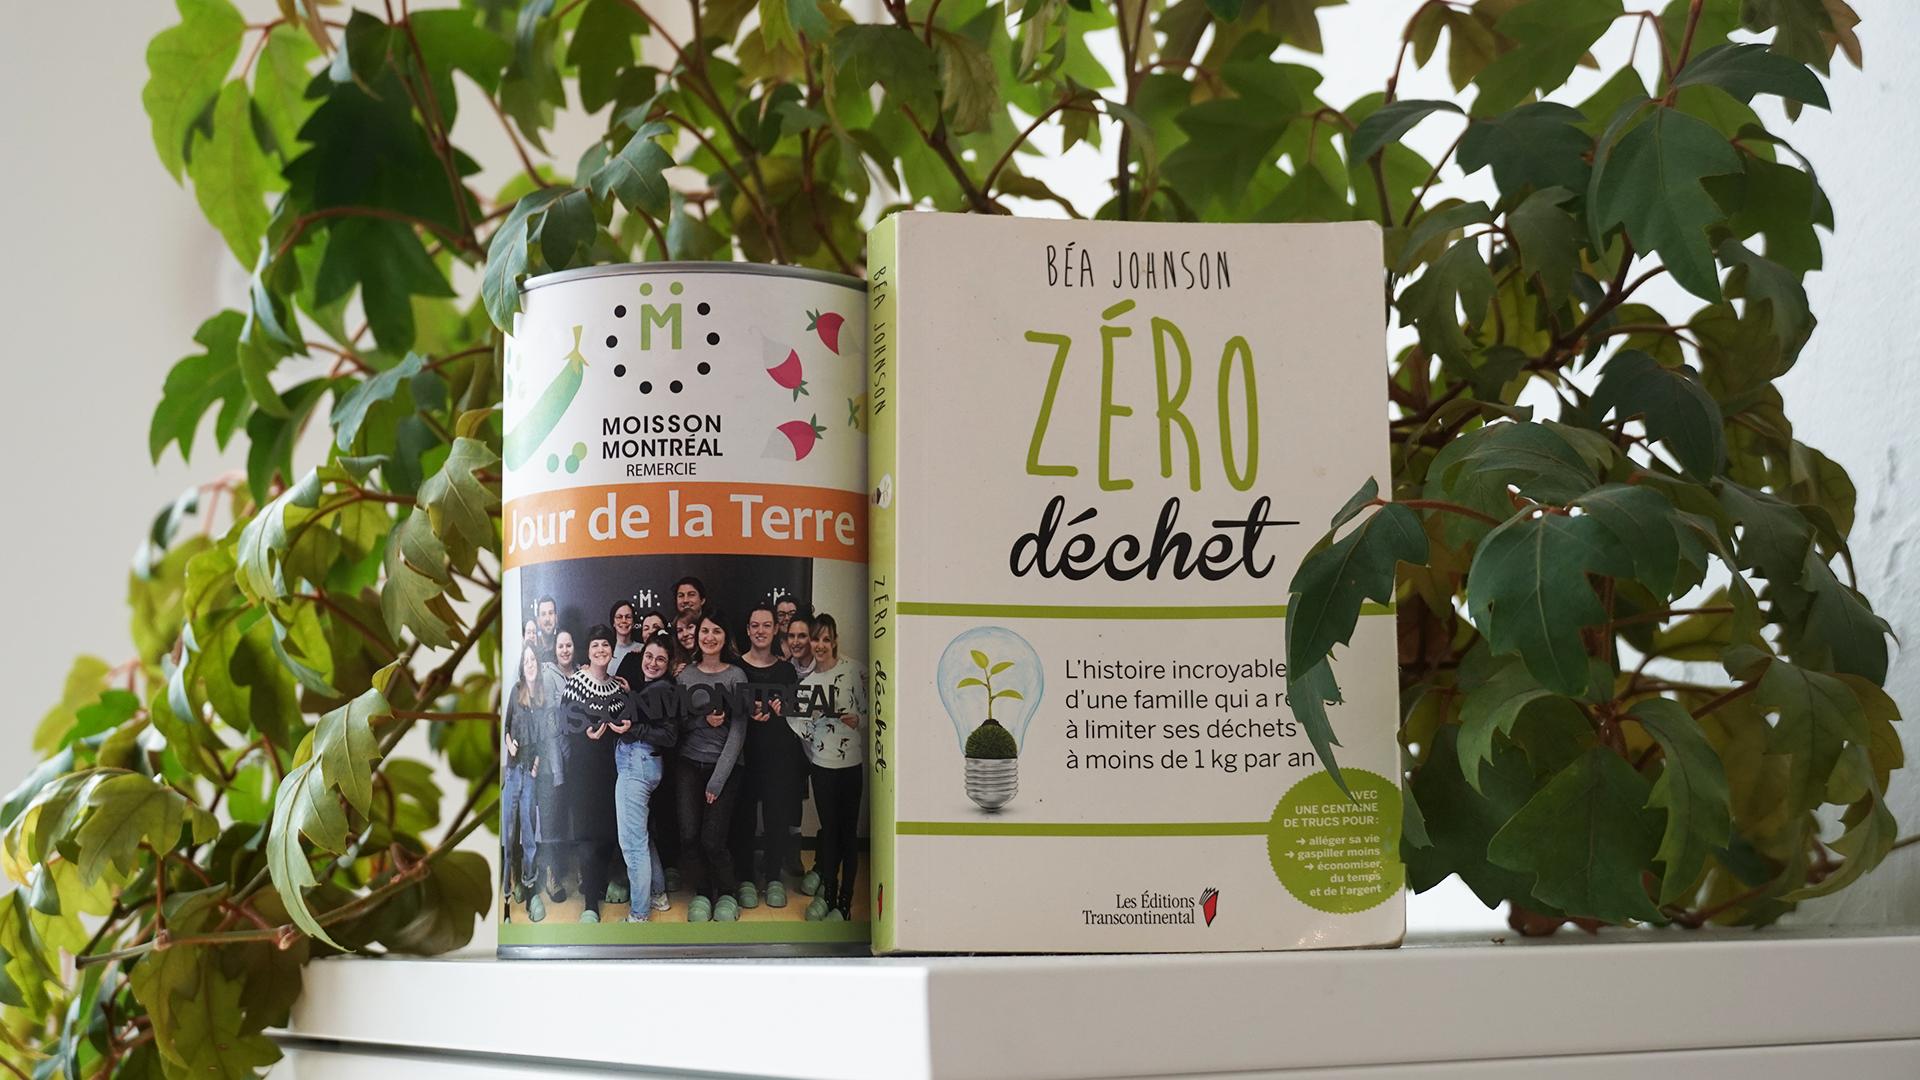 Blogue_2019_Les_lectures_inspirantes_de_l'equipe_du_Jour_de_la_Terre_1